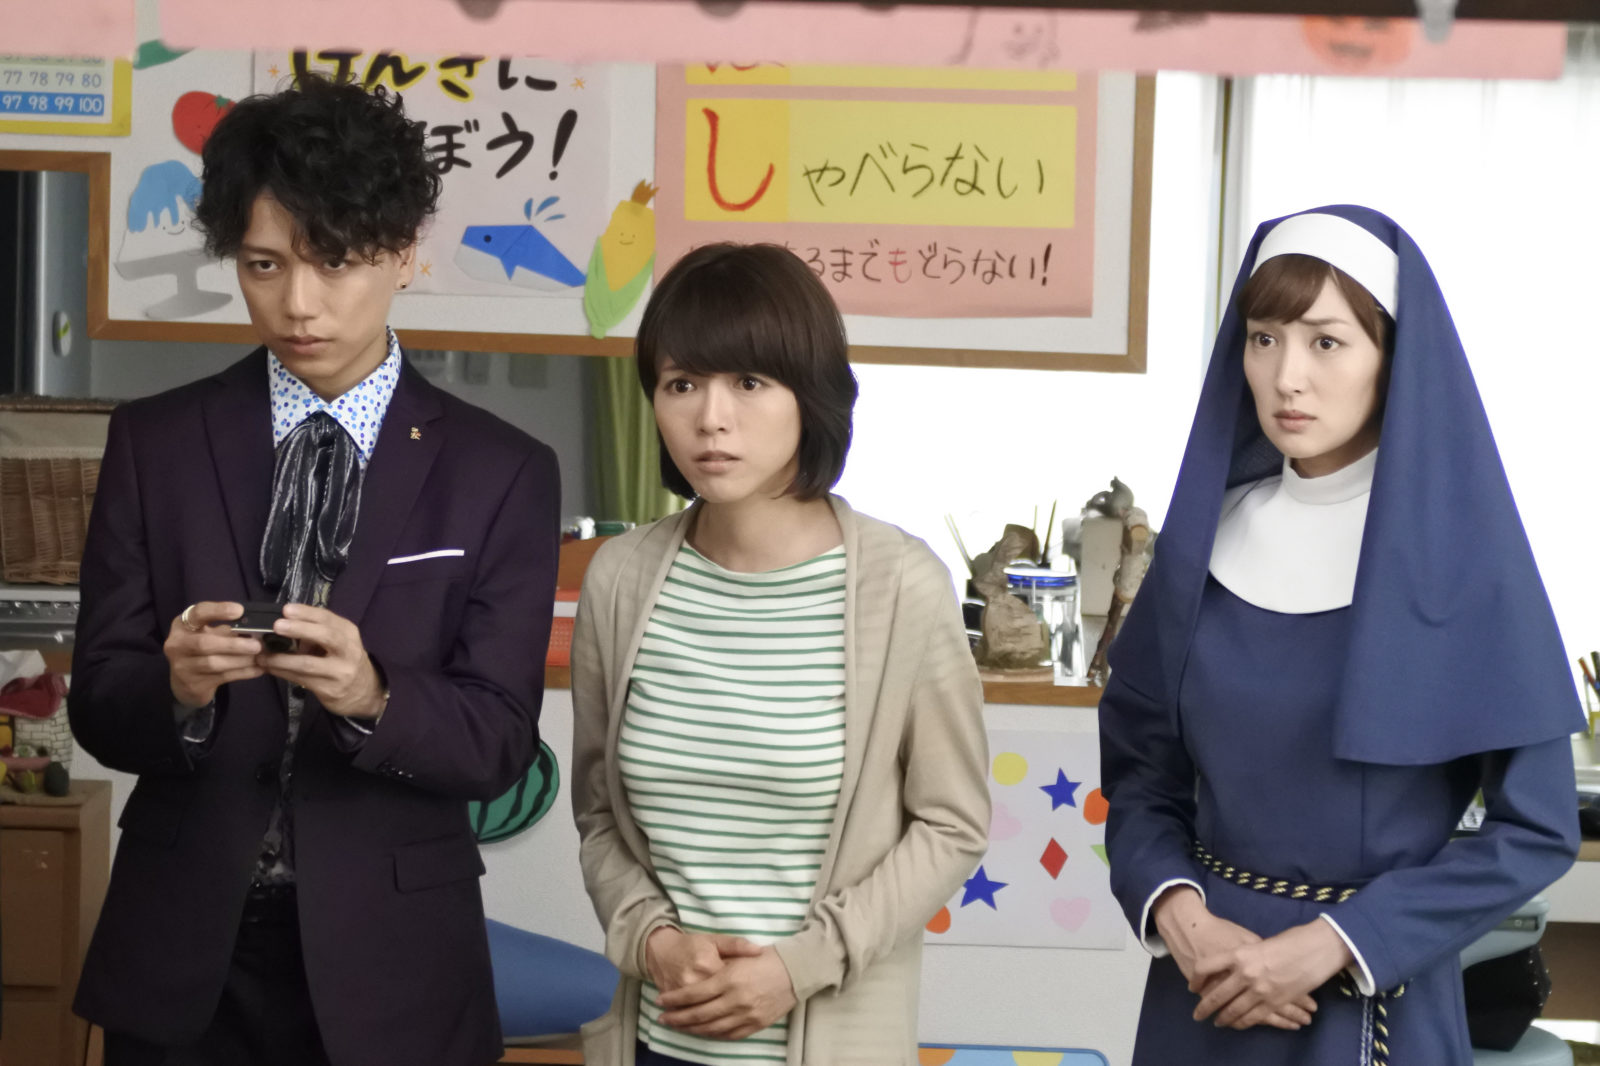 「生きてて良かった」釈由美子がドラマ『あいの結婚相談所』出演で自身の結婚について語るサムネイル画像!